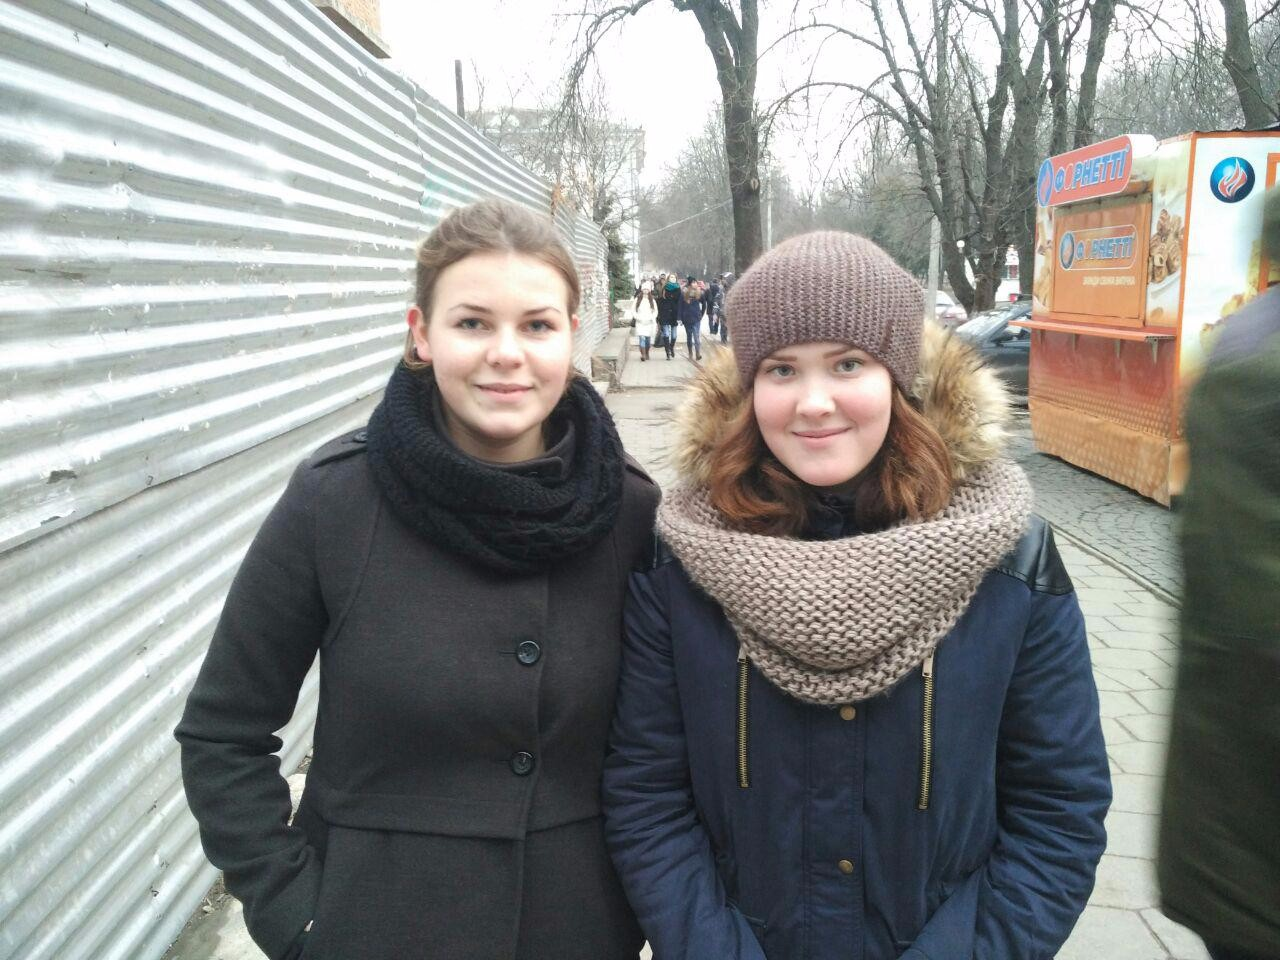 Приклад фото благодійників для соцмереж — Людмила Легка та Віктория Христенко